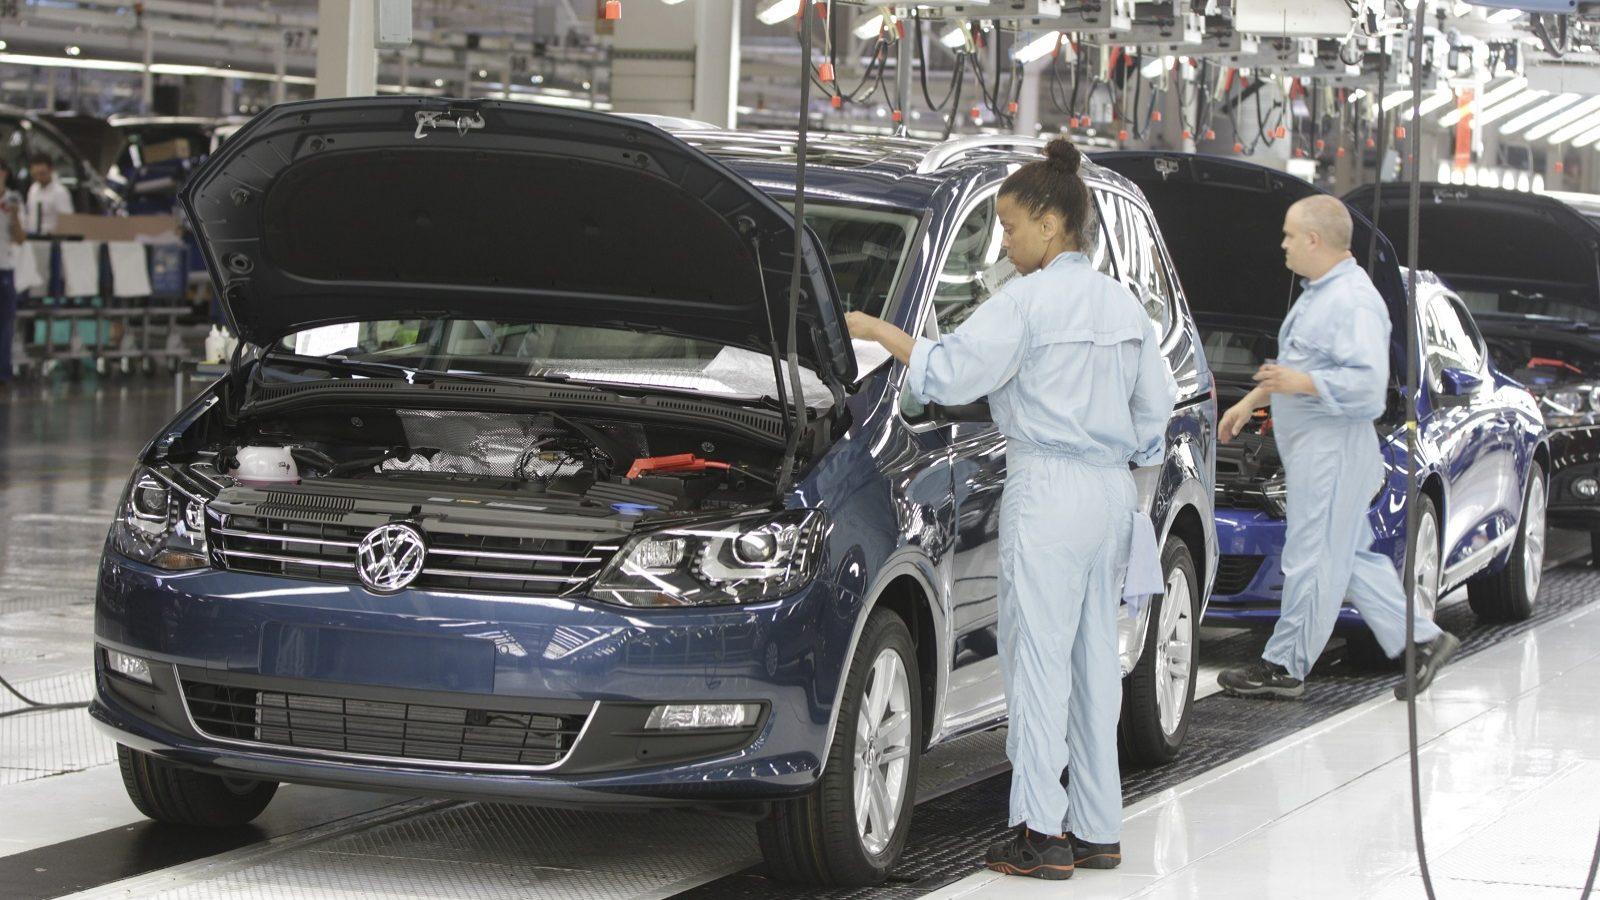 Administração e trabalhadores da Autoeuropa retomam negociações na segunda-feira